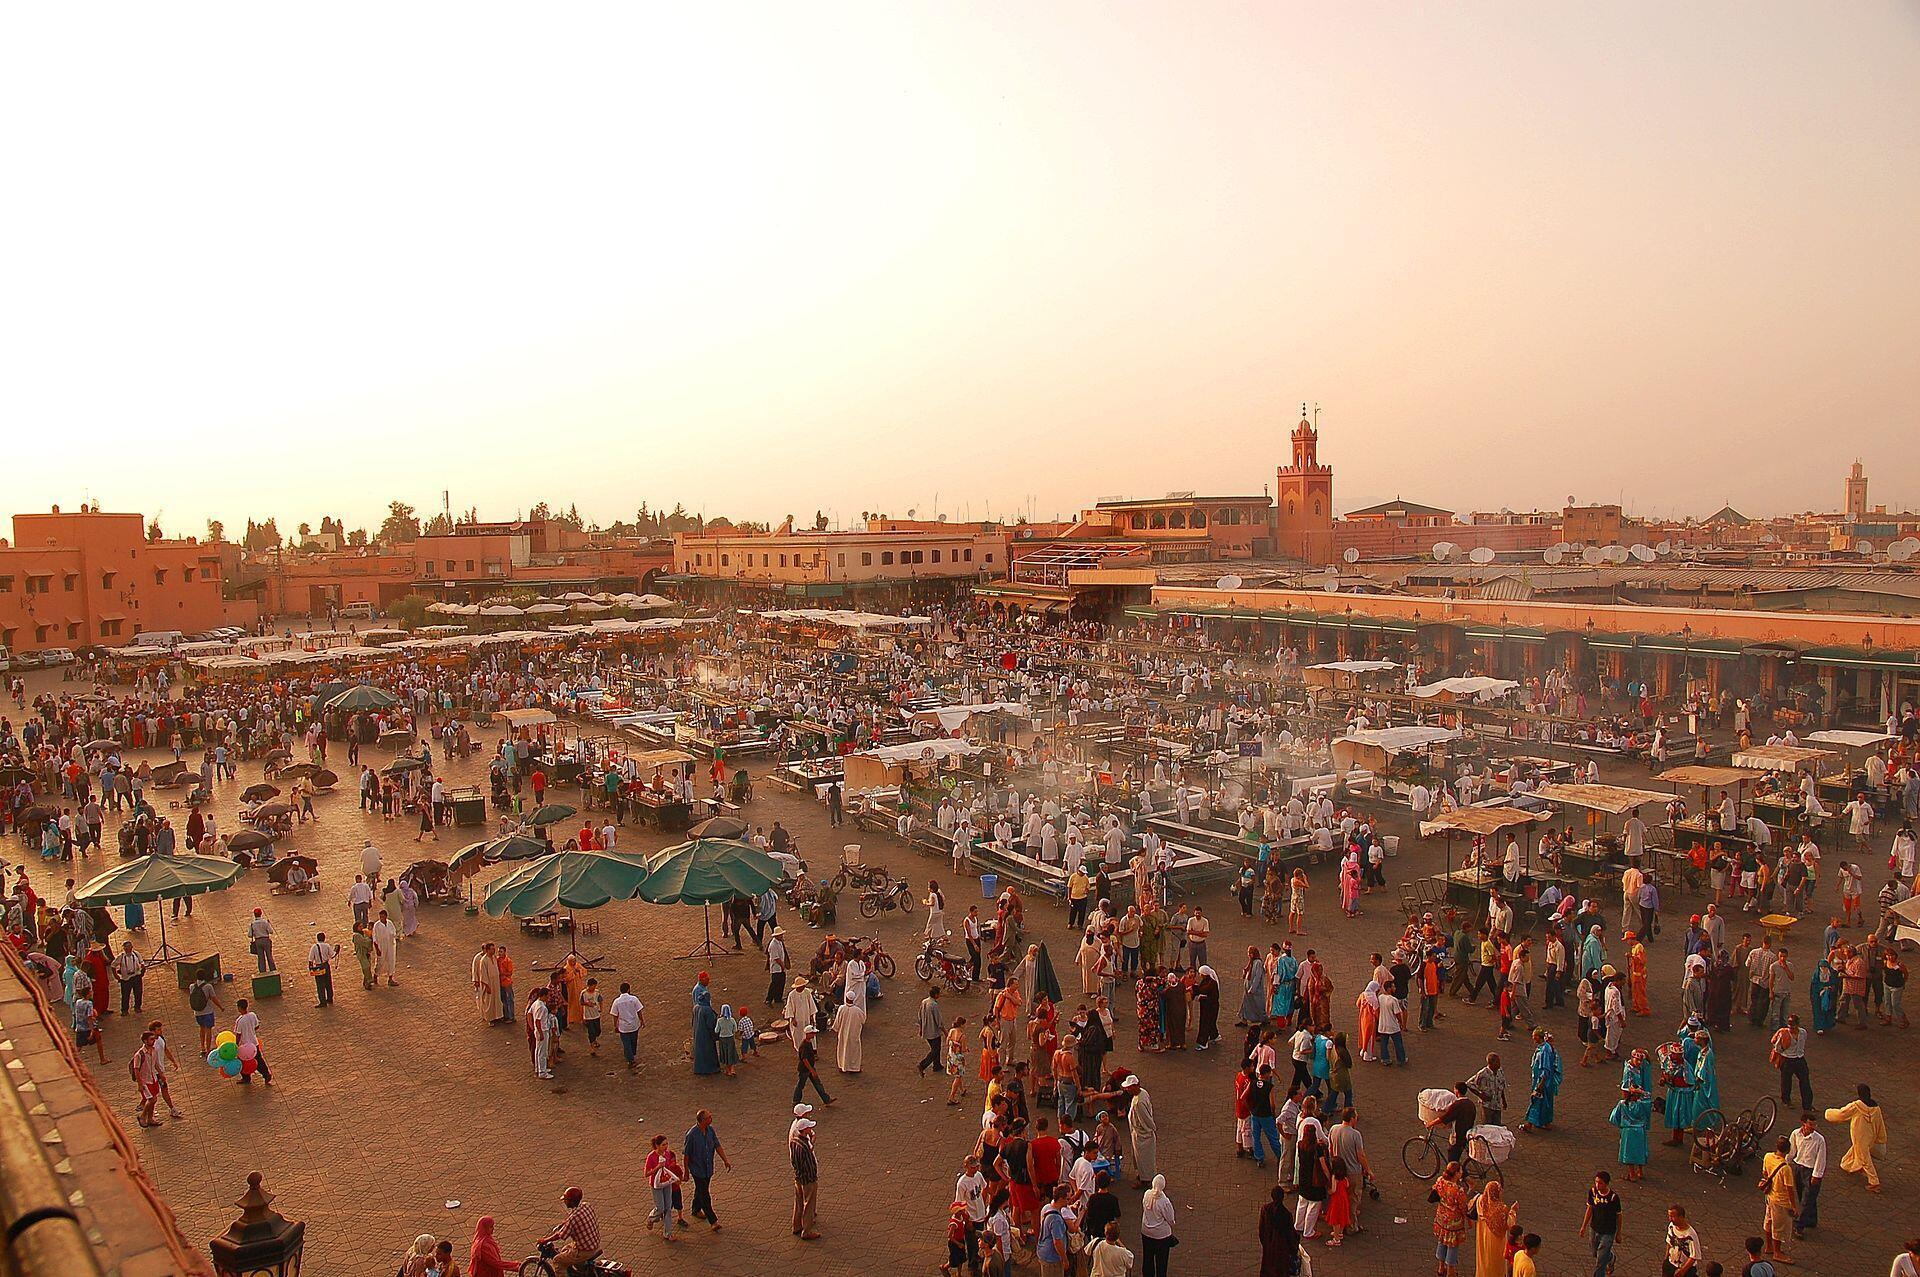 Le marché Jemaaa-el-Fna, Marrakech